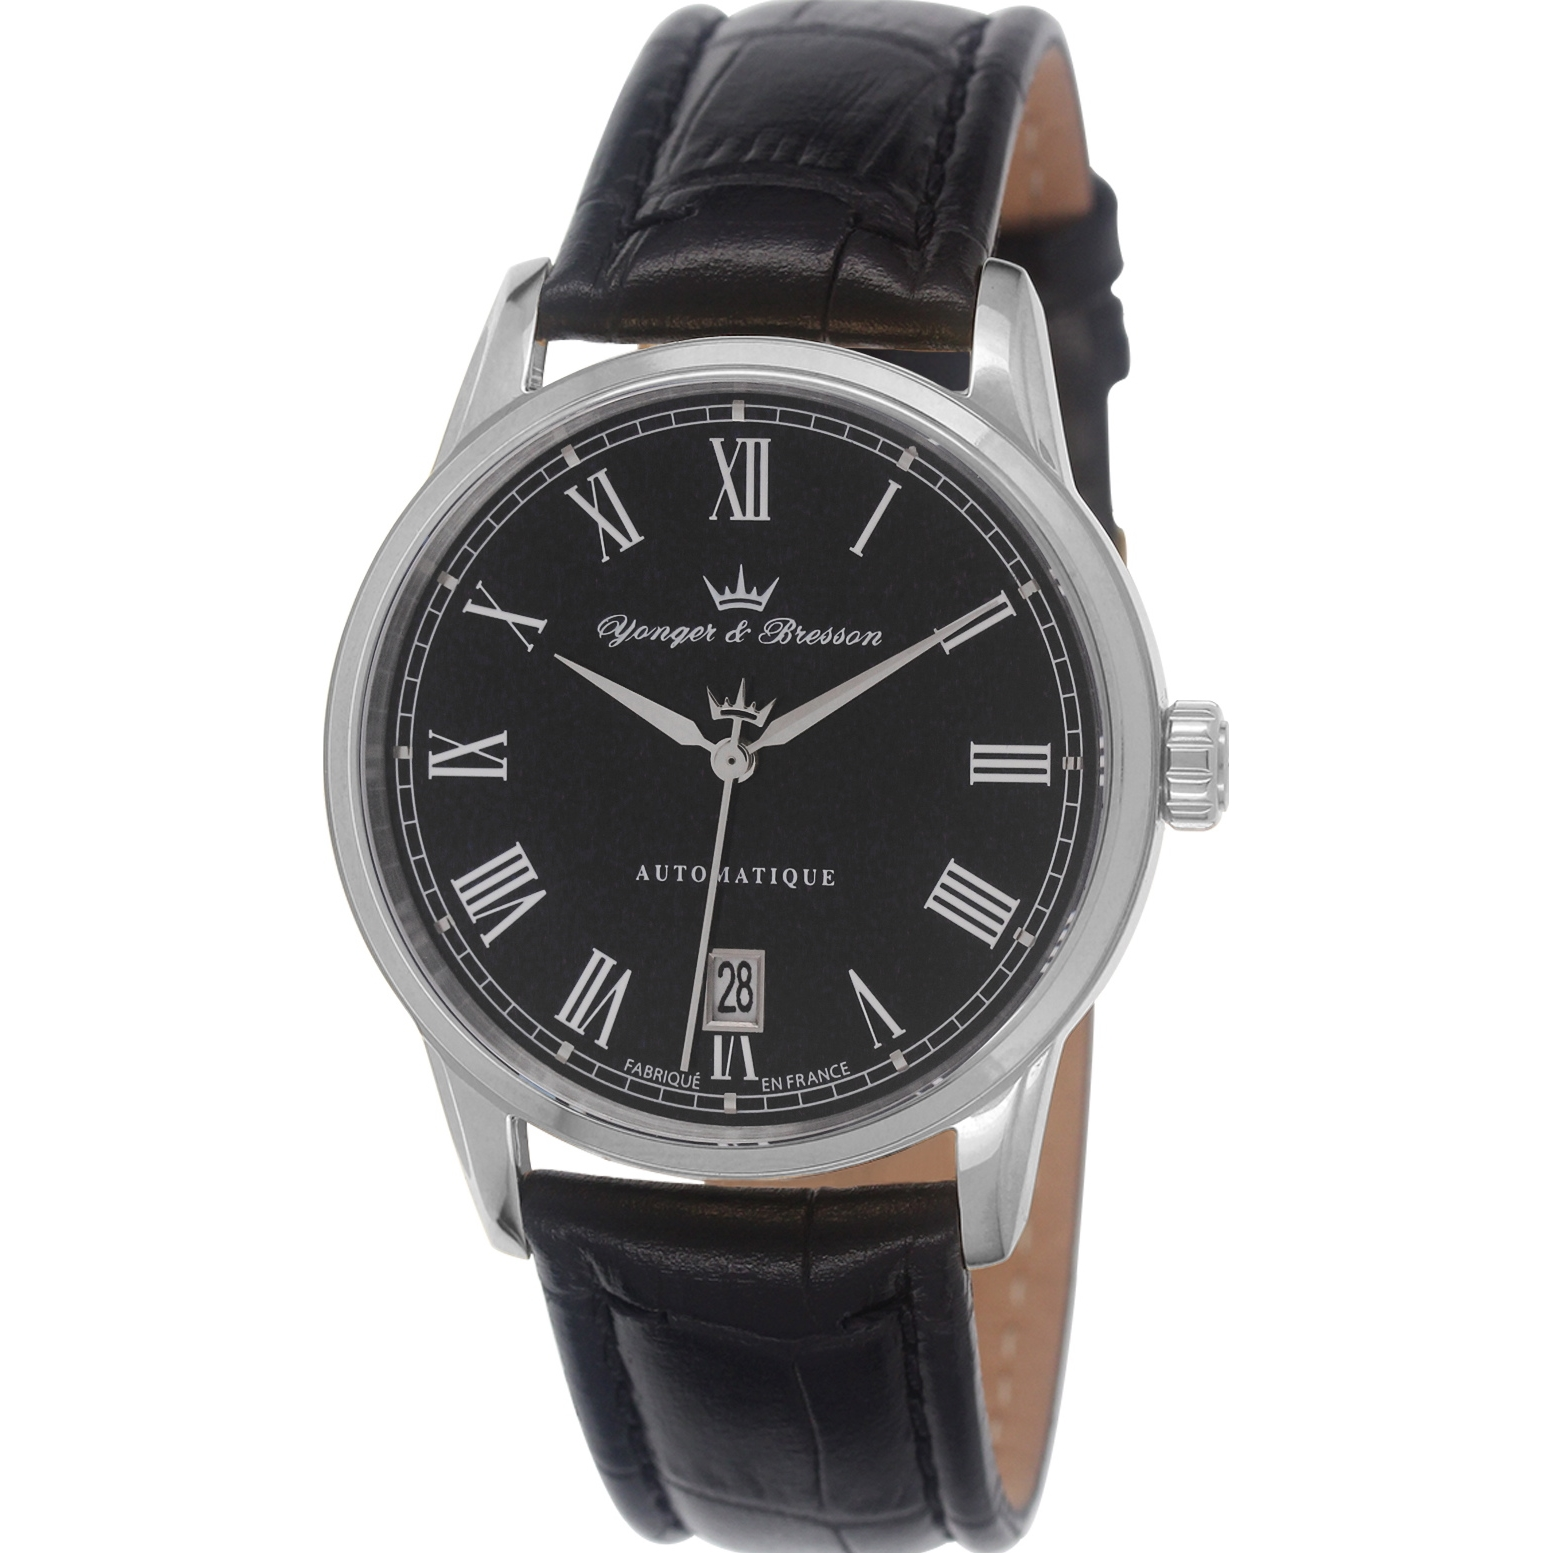 Orologio uomo Yonger bresson YBH836601